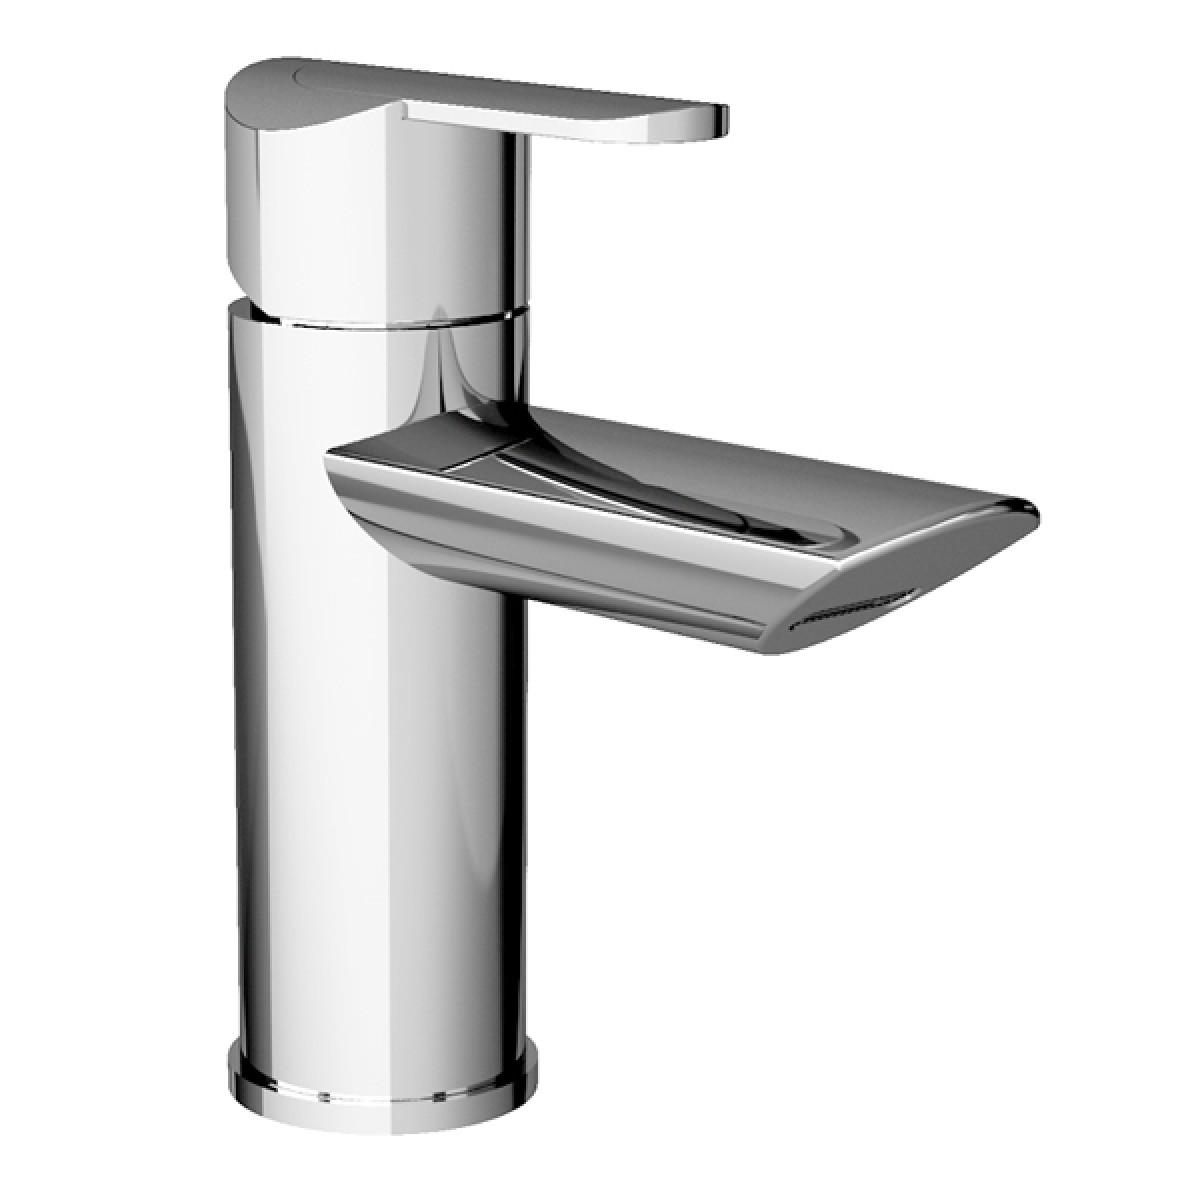 Miscelatore monocomando lavabo lvbdrm2002000 for Miscelatore lavabo